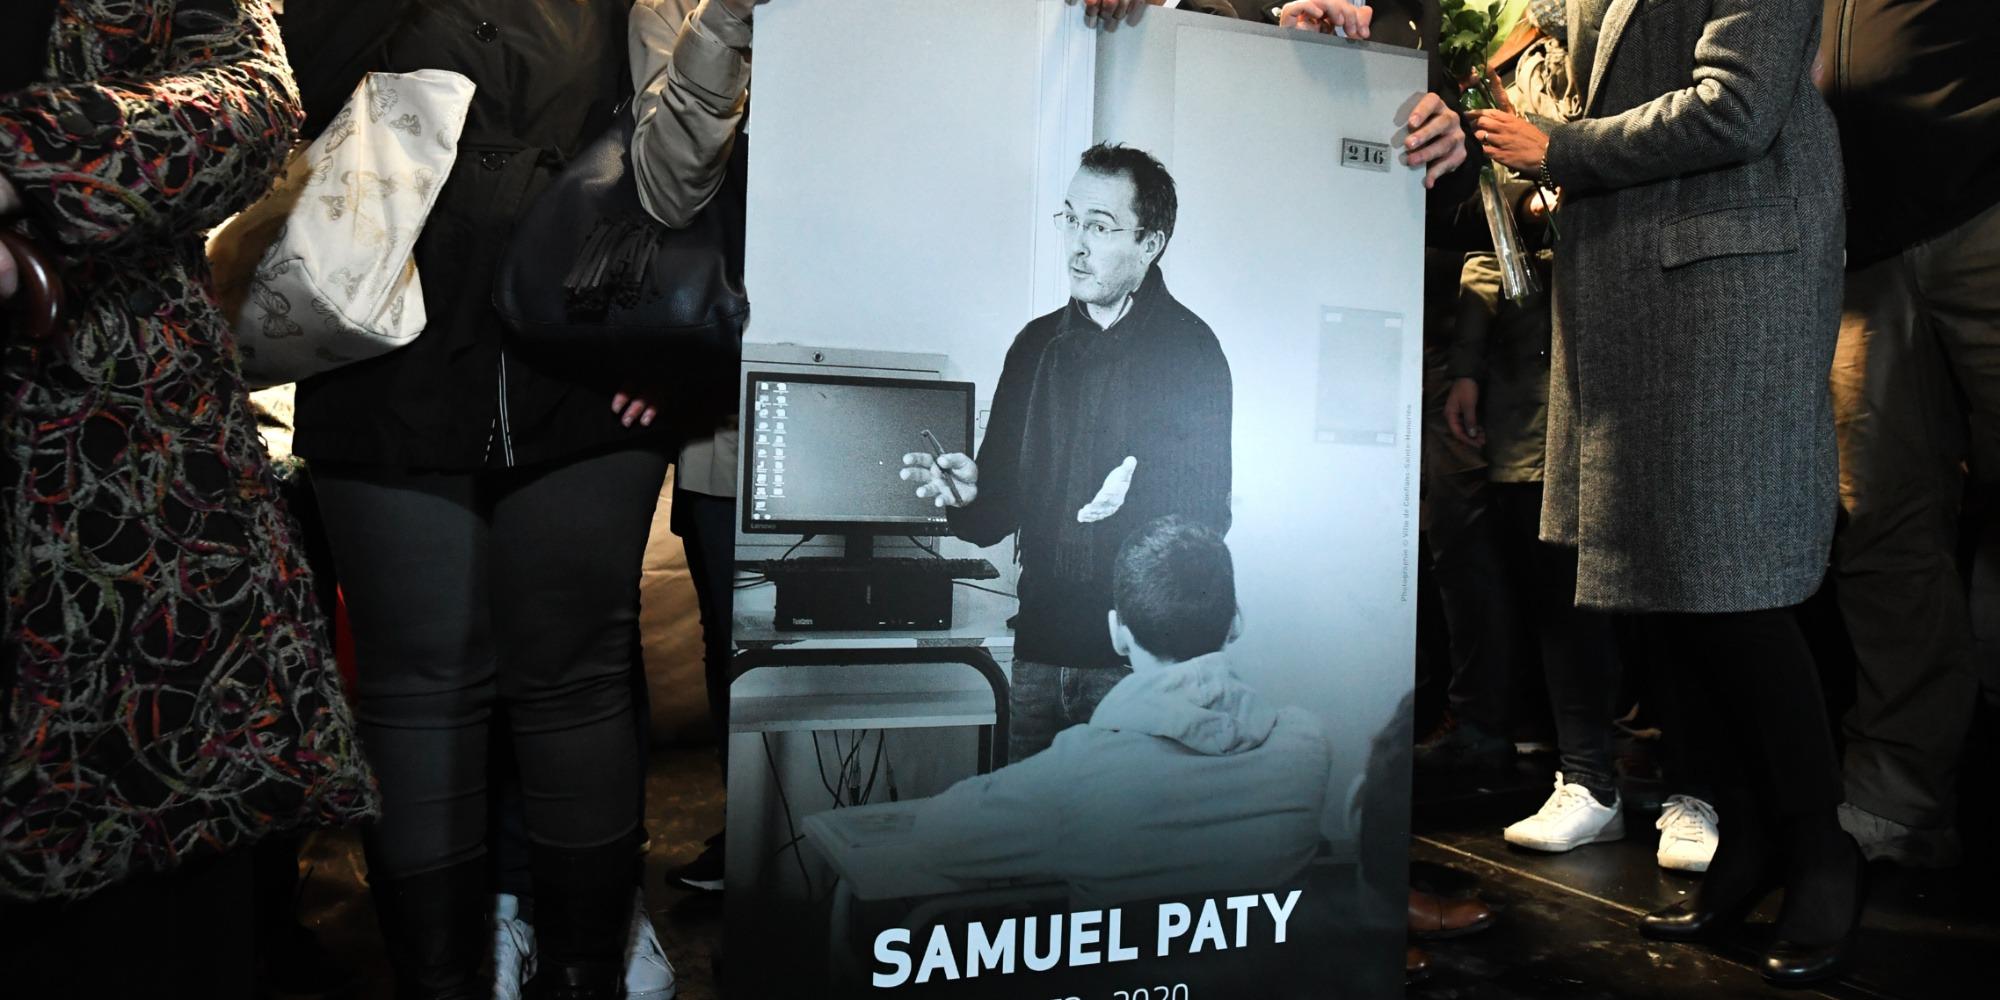 Menaces de mort dans un collège après un incident durant l'hommage à Paty